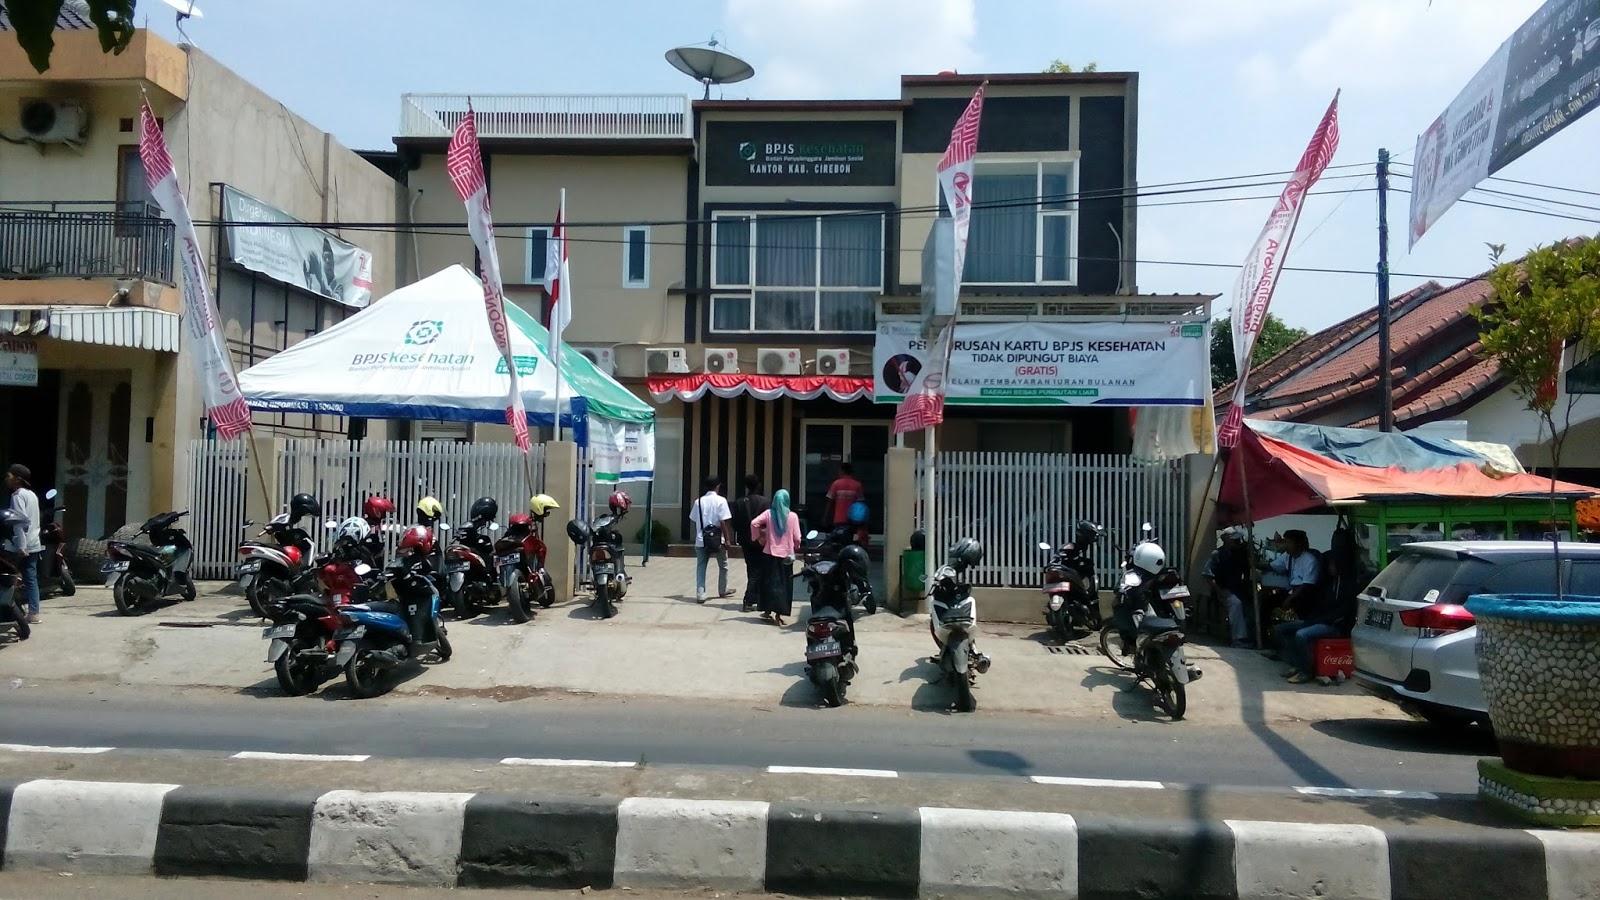 Kantor Cabang Bpjs Kesehatan Kab Cirebon